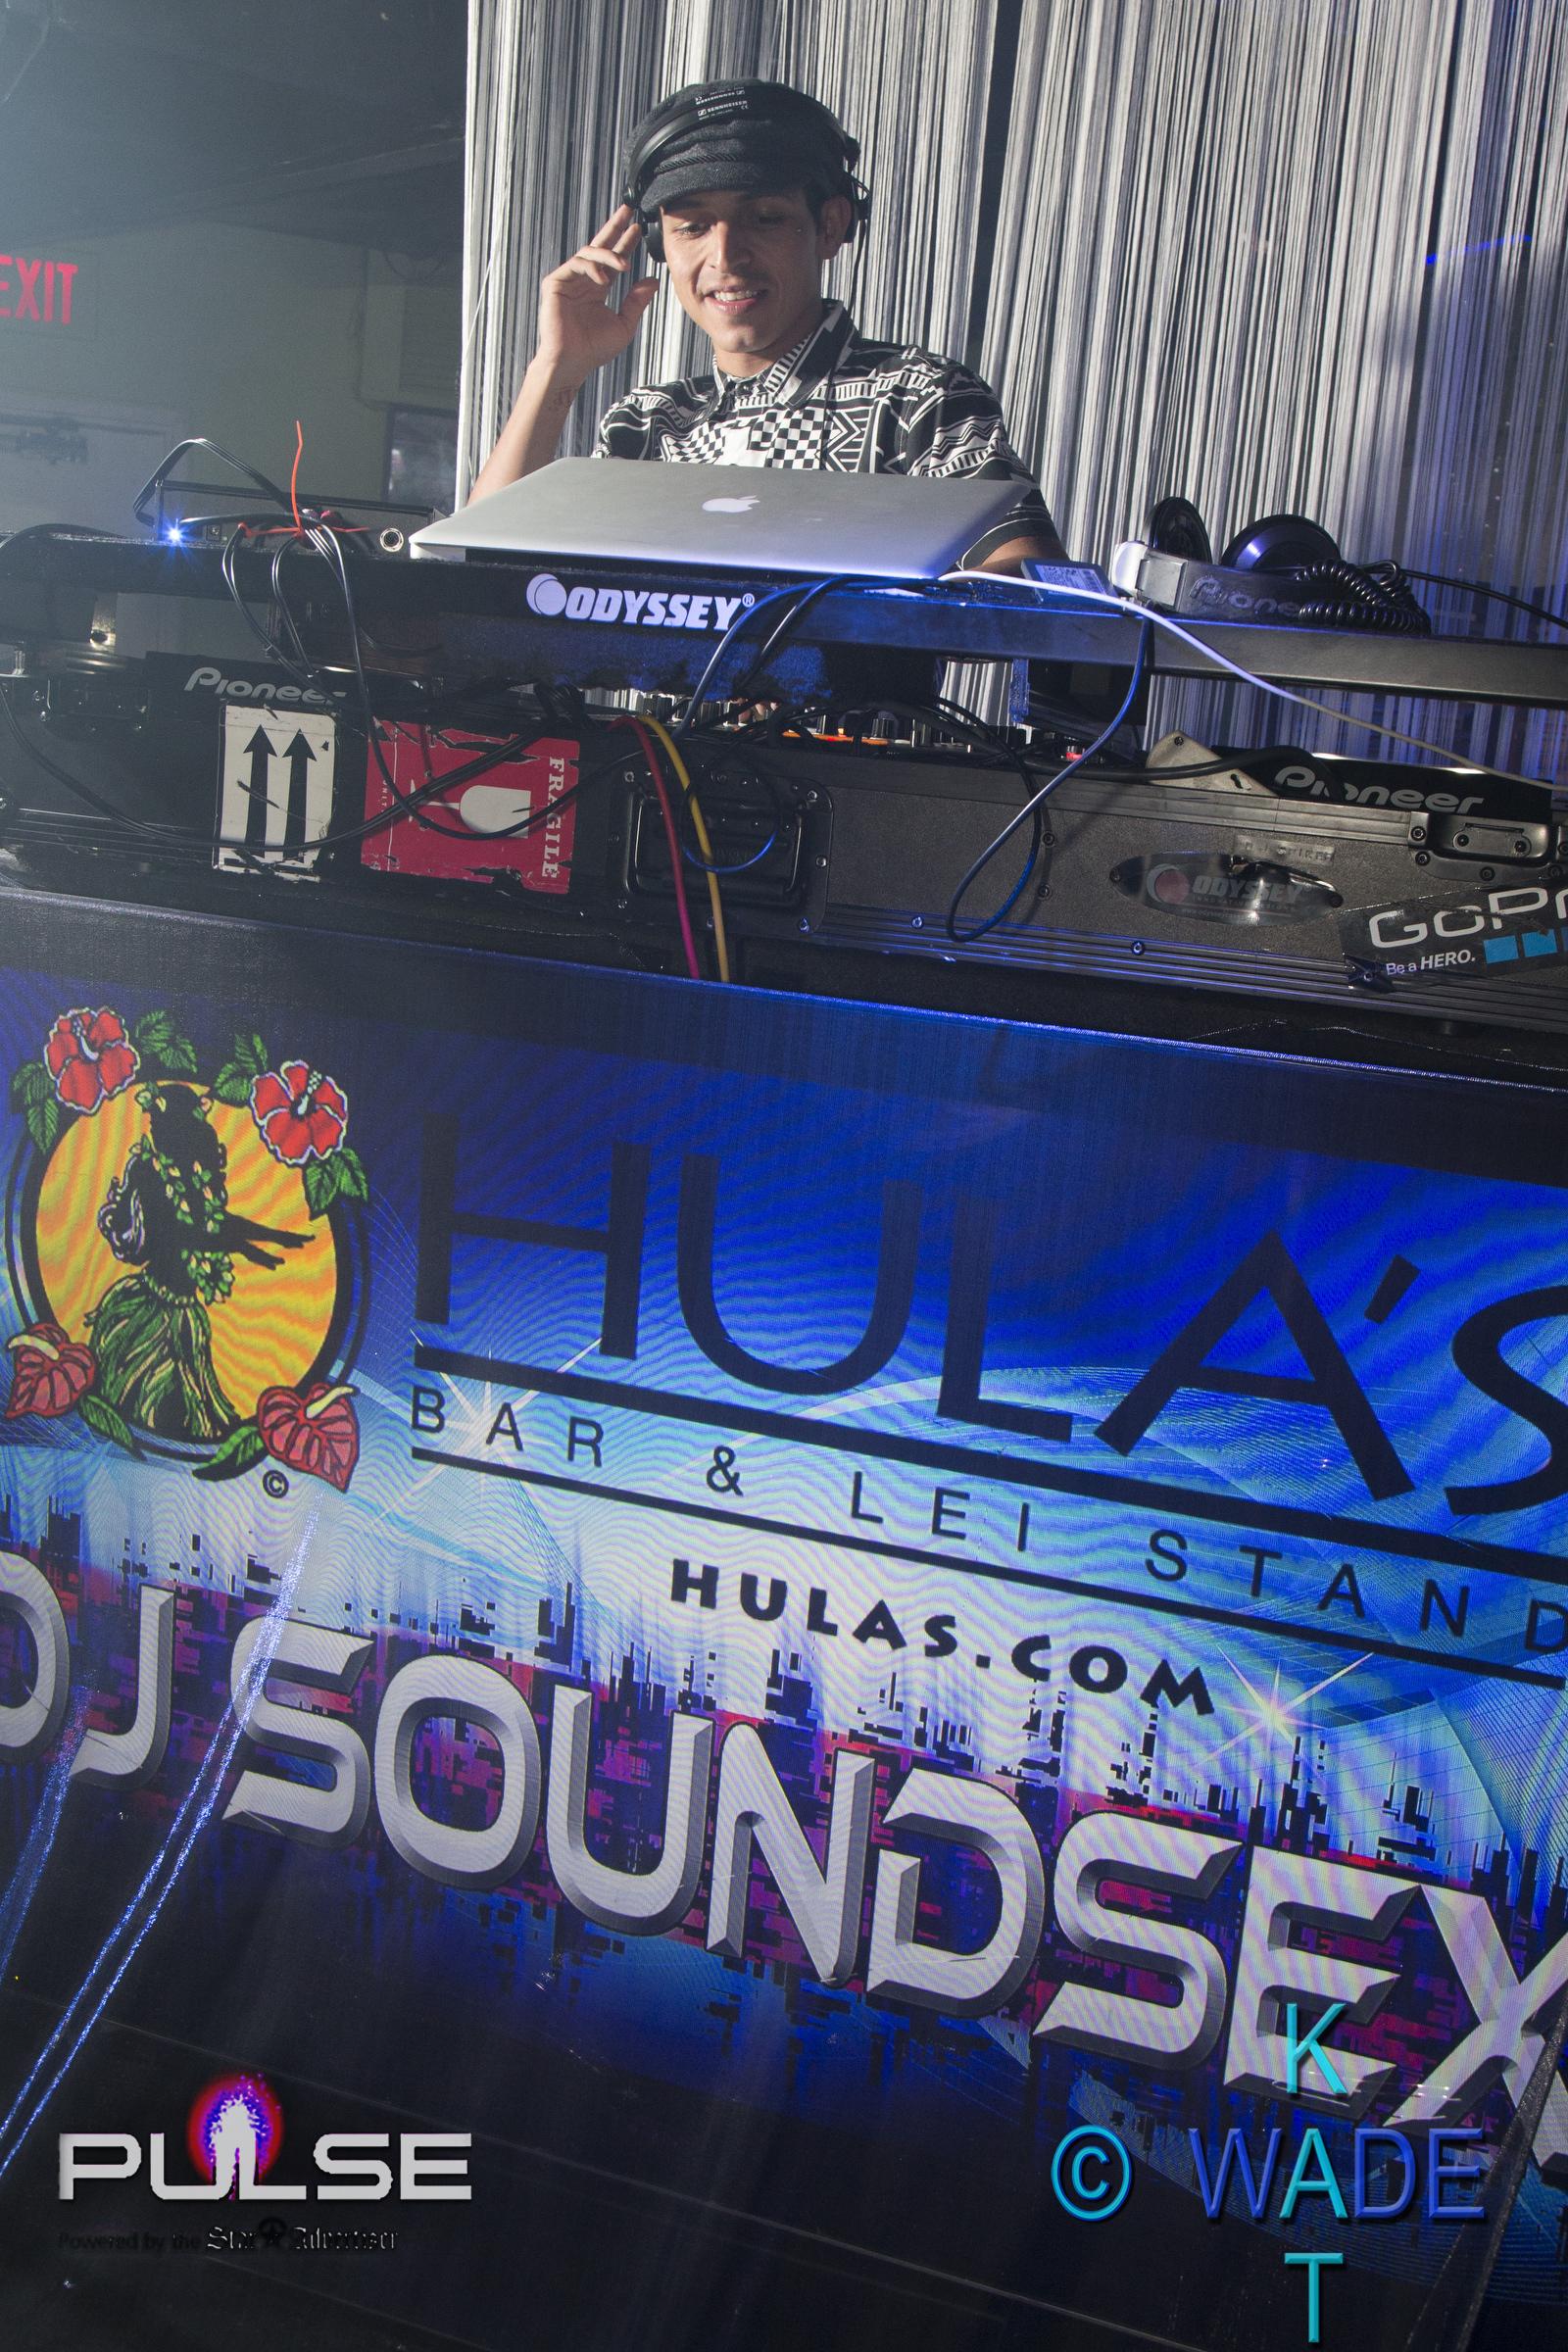 PUL DJ SOUNDSEX 02A